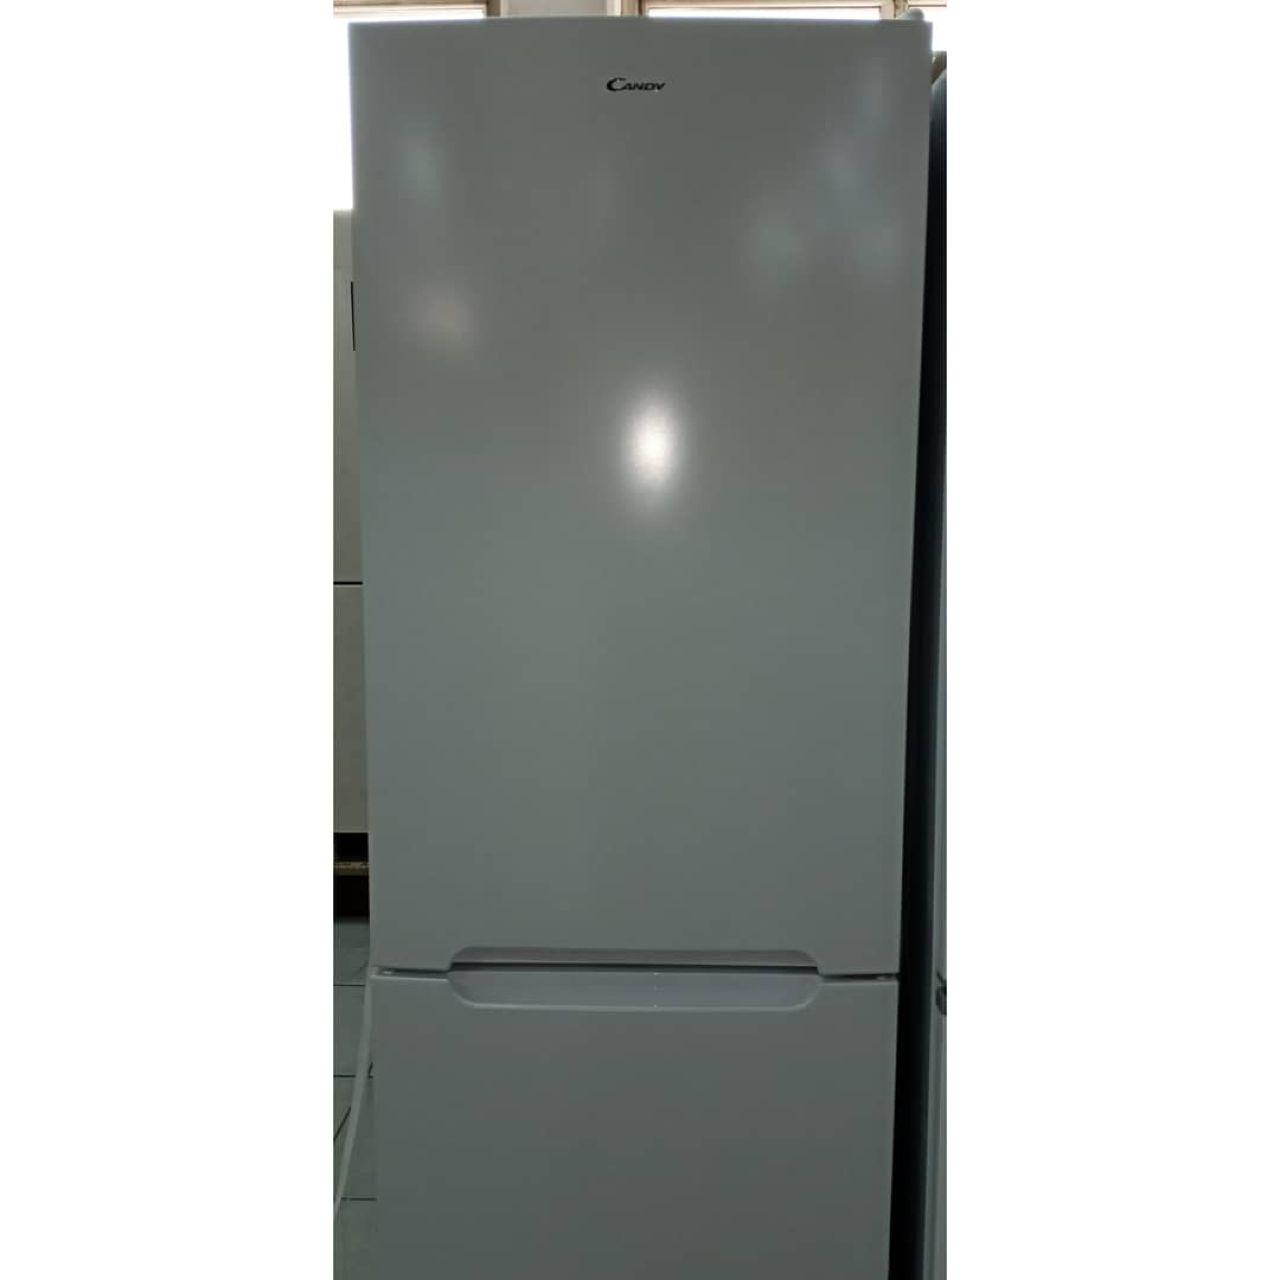 Двухкамерный холодильник Candy 333 литра